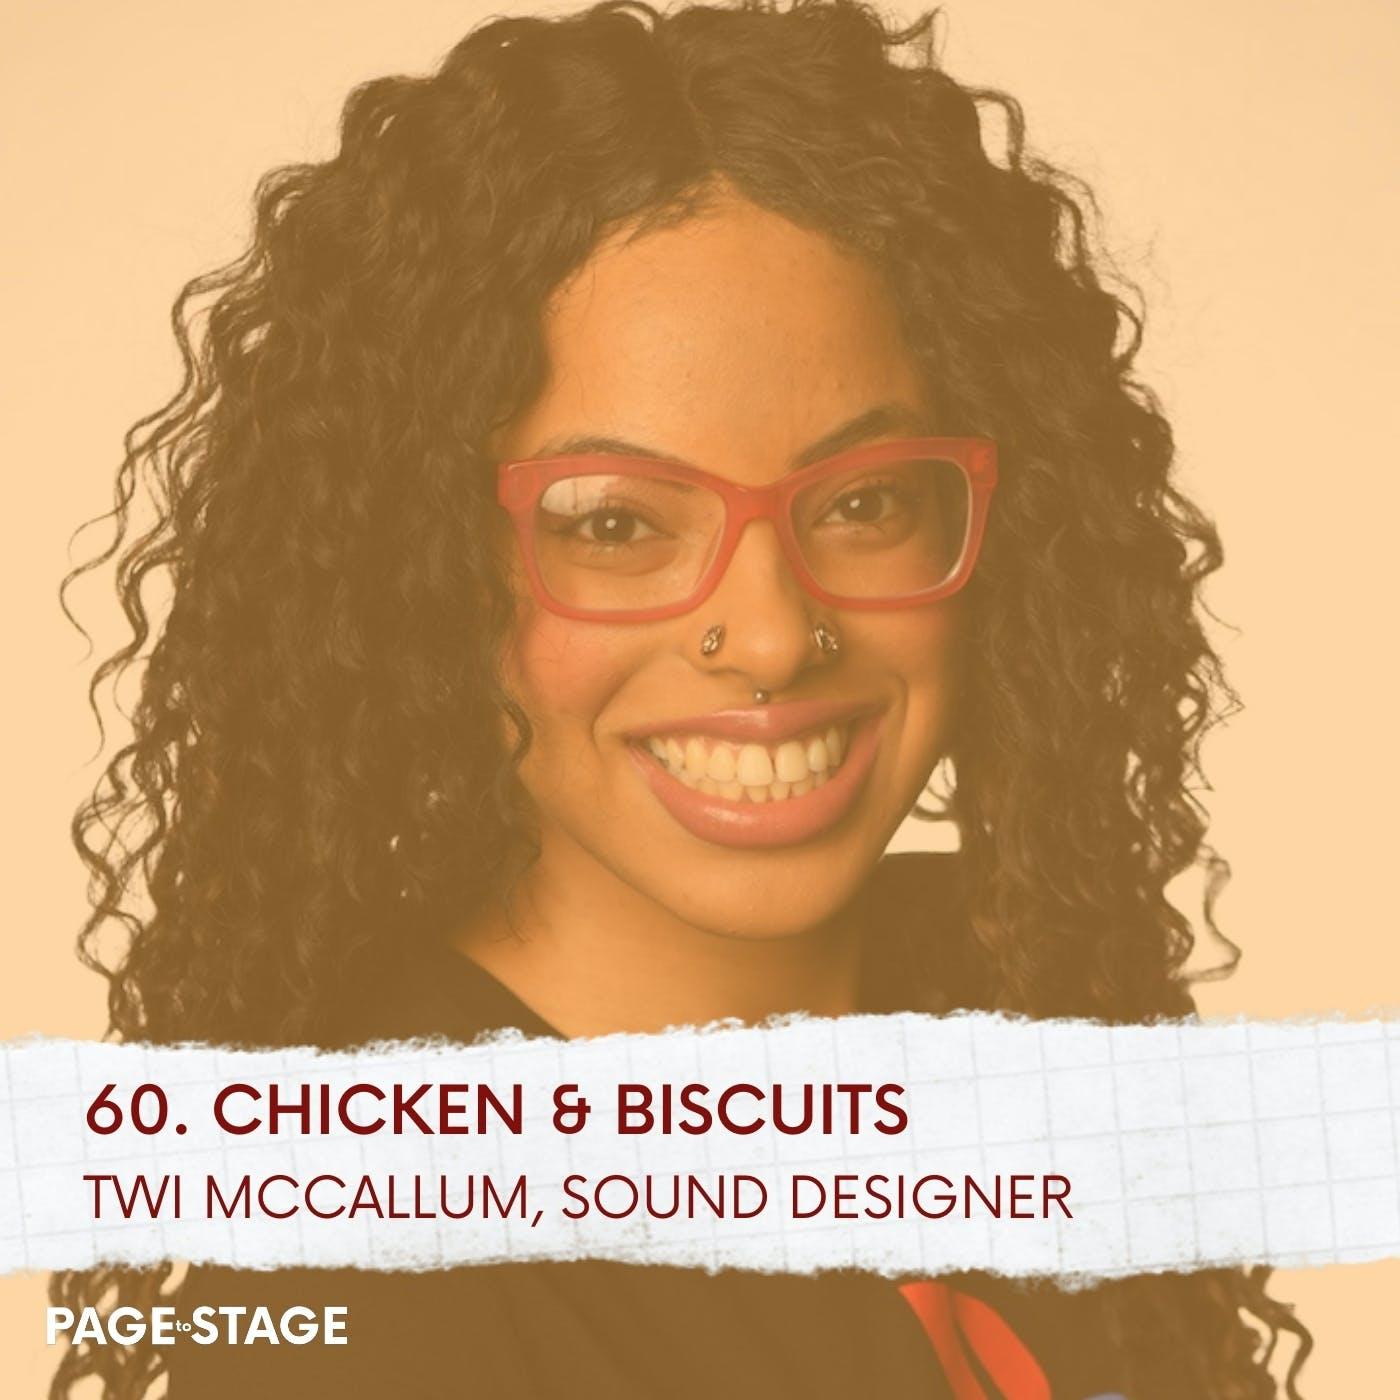 60 - Chicken & Biscuits: Twi McCallum, Sound Designer (Part 1)